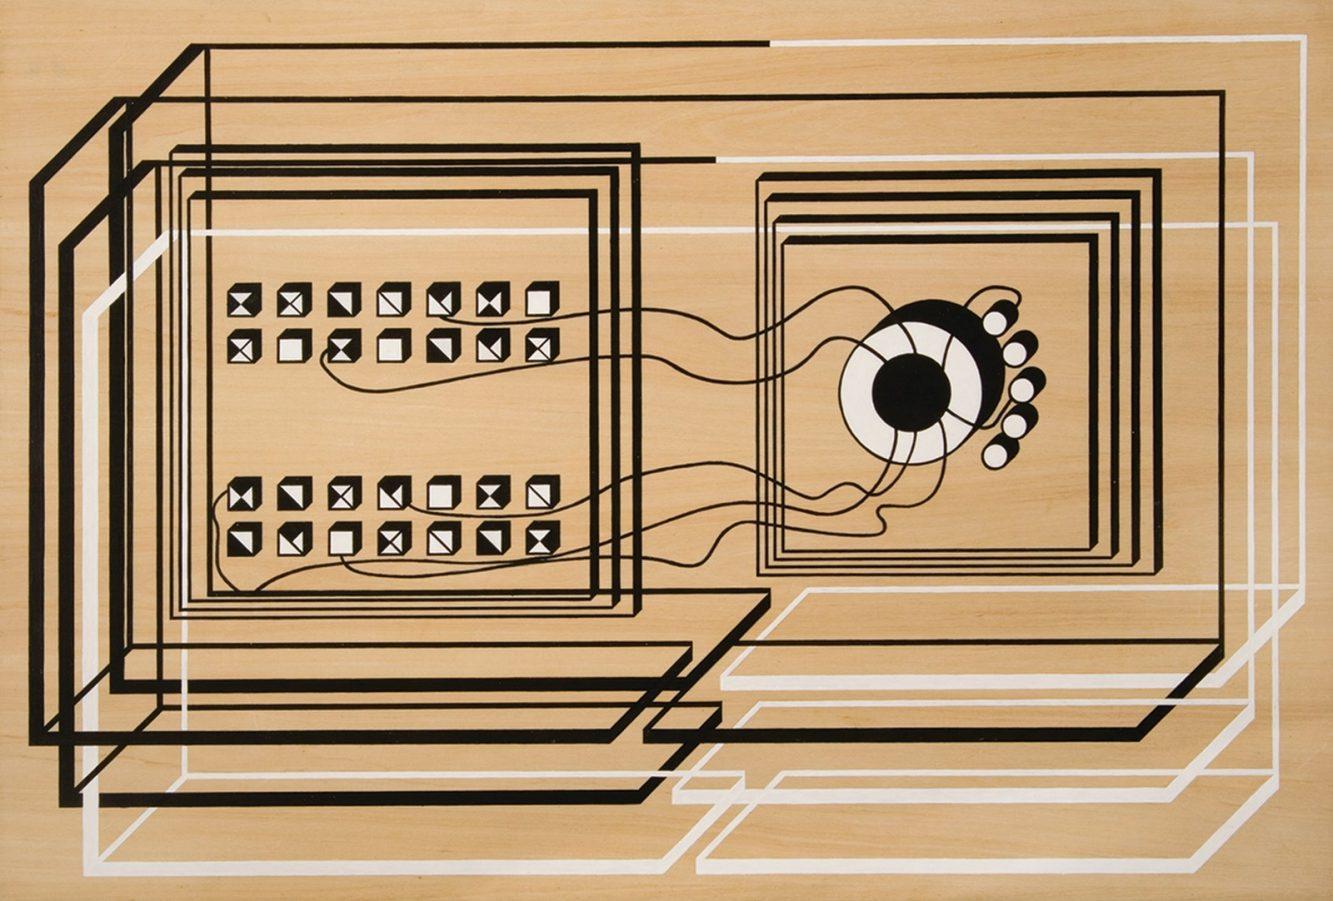 Margarita Paska, Mesa Redonda. Esto es un Juicio (1967), Serie 6 ambientes en madera Panel de madera guatambú enchapada y pintura acrílica blanca y negra 65 x 95 x 2 cm